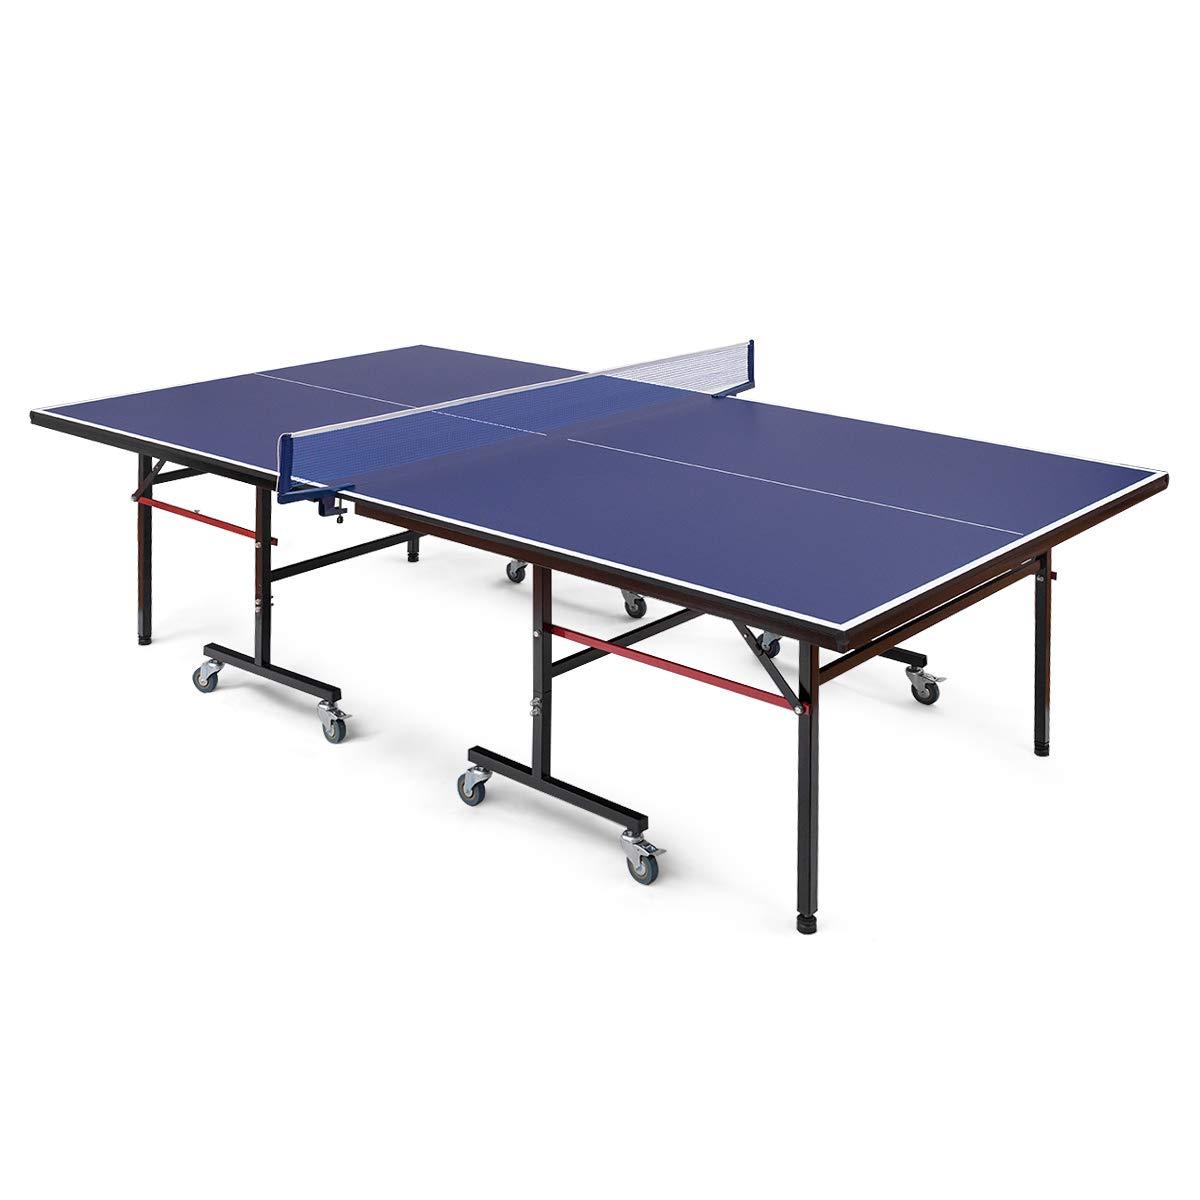 Goplus 折りたたみ式卓球テーブル コンパクトピンポンテーブル 屋外屋内用 クランプ式ネットロックホイール プレイモード 10分組立 B07GVB456D